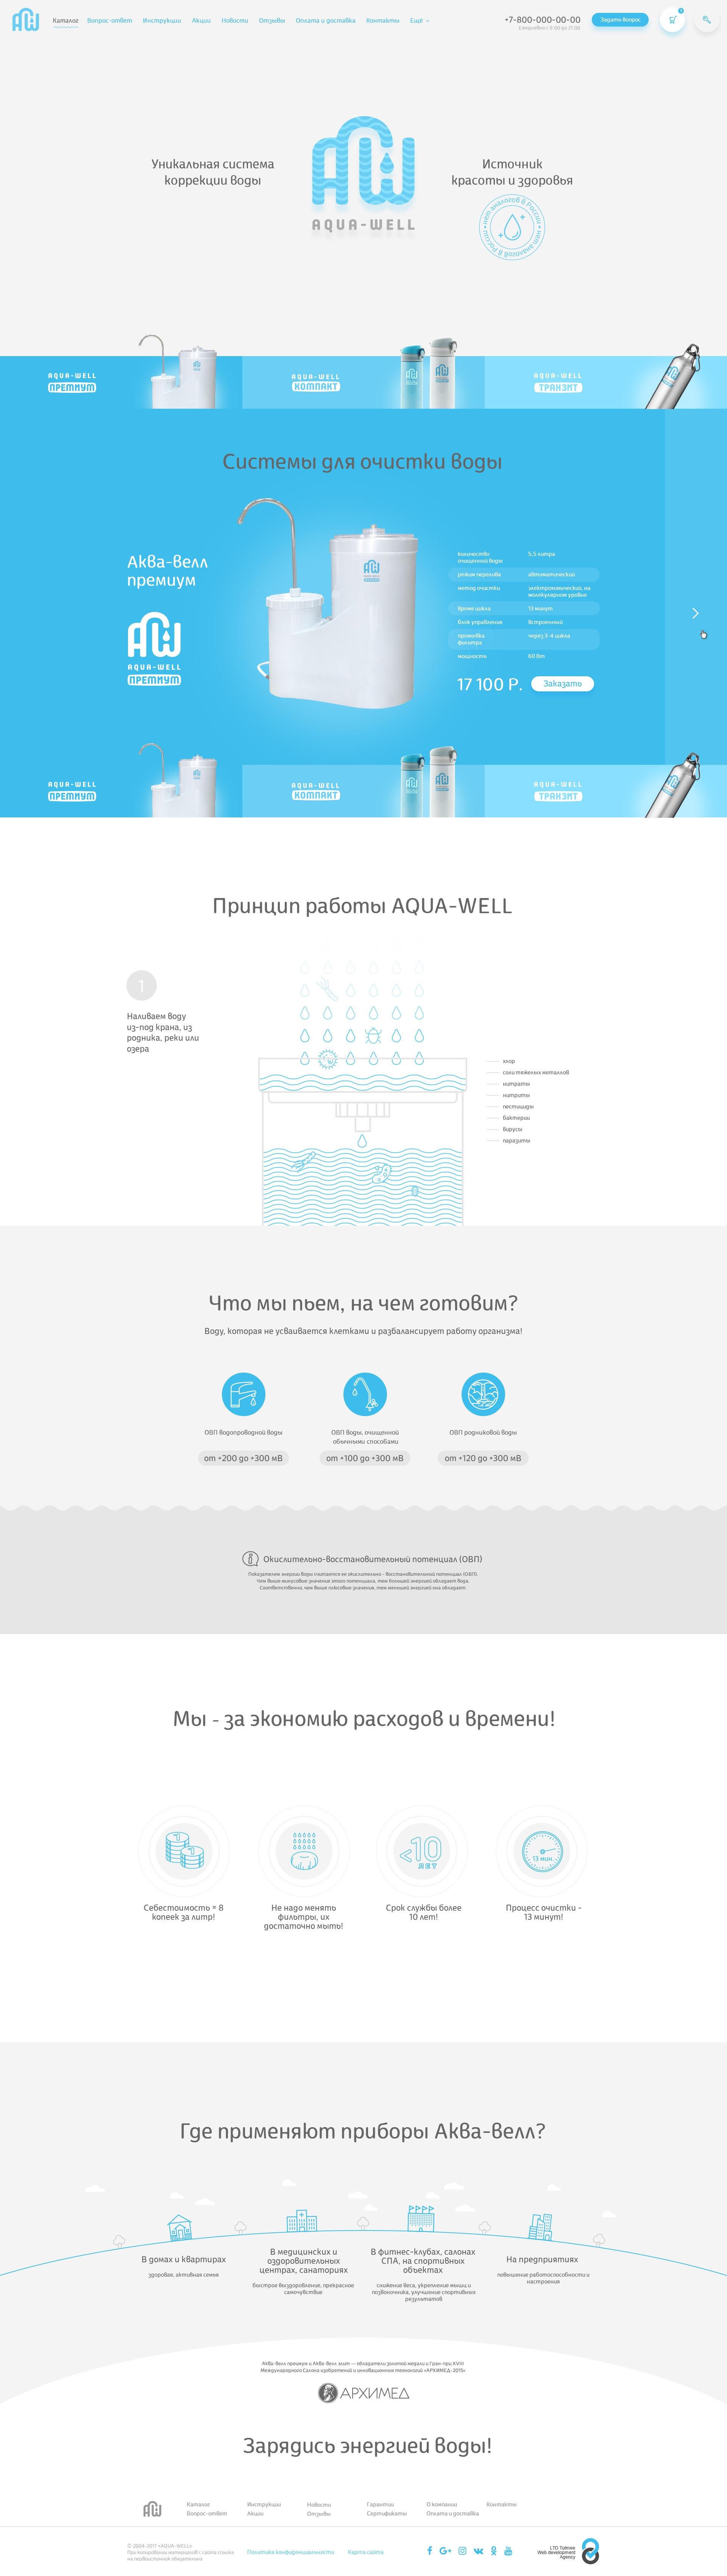 Интернет-магазин фильтров для воды Aqua-well